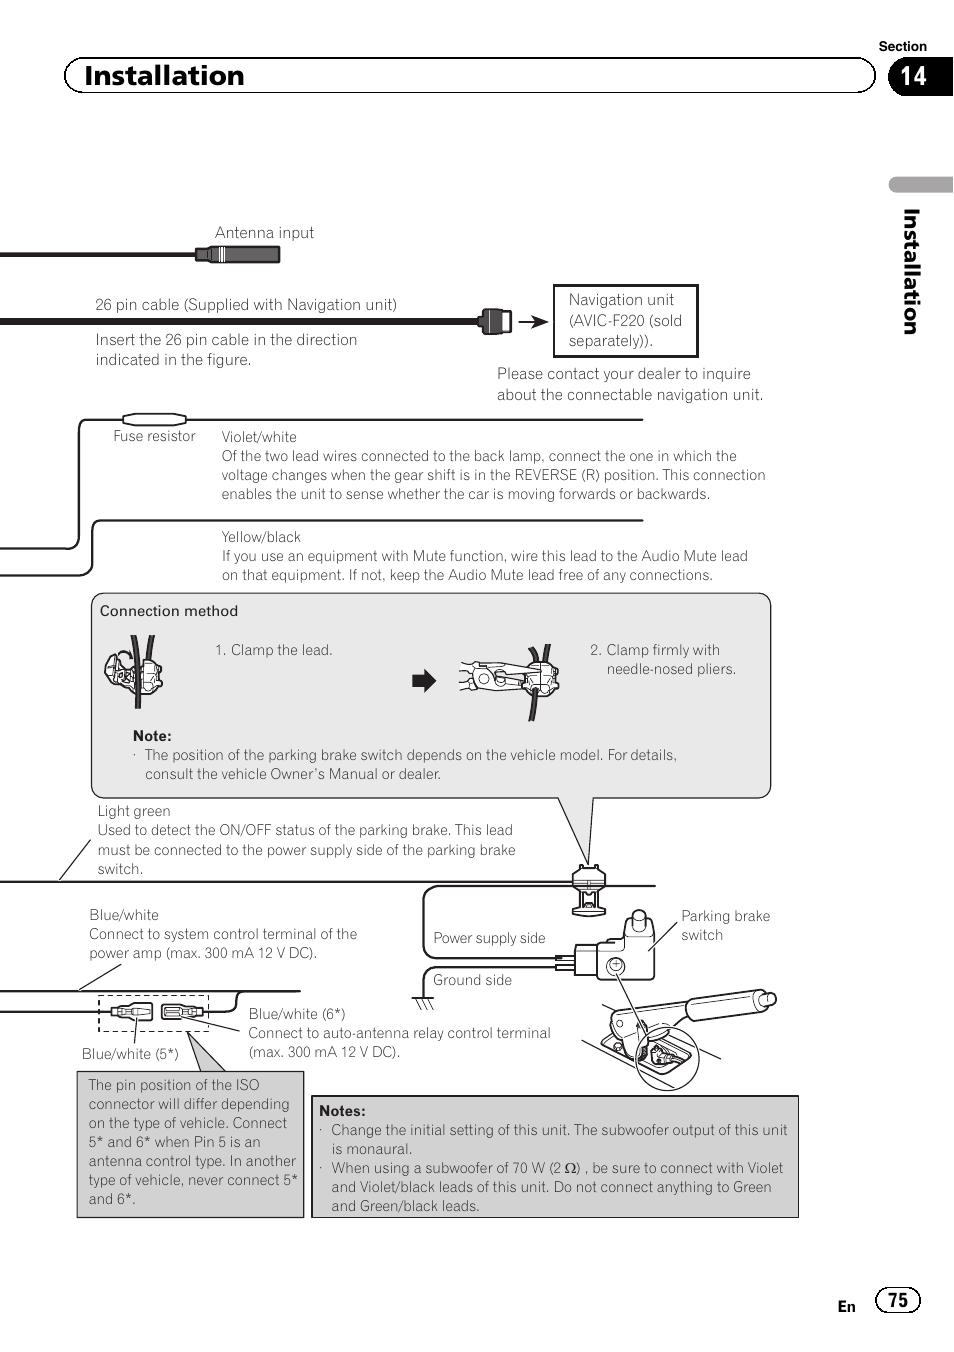 medium resolution of installation pioneer avh p6300bt user manual page 75 104